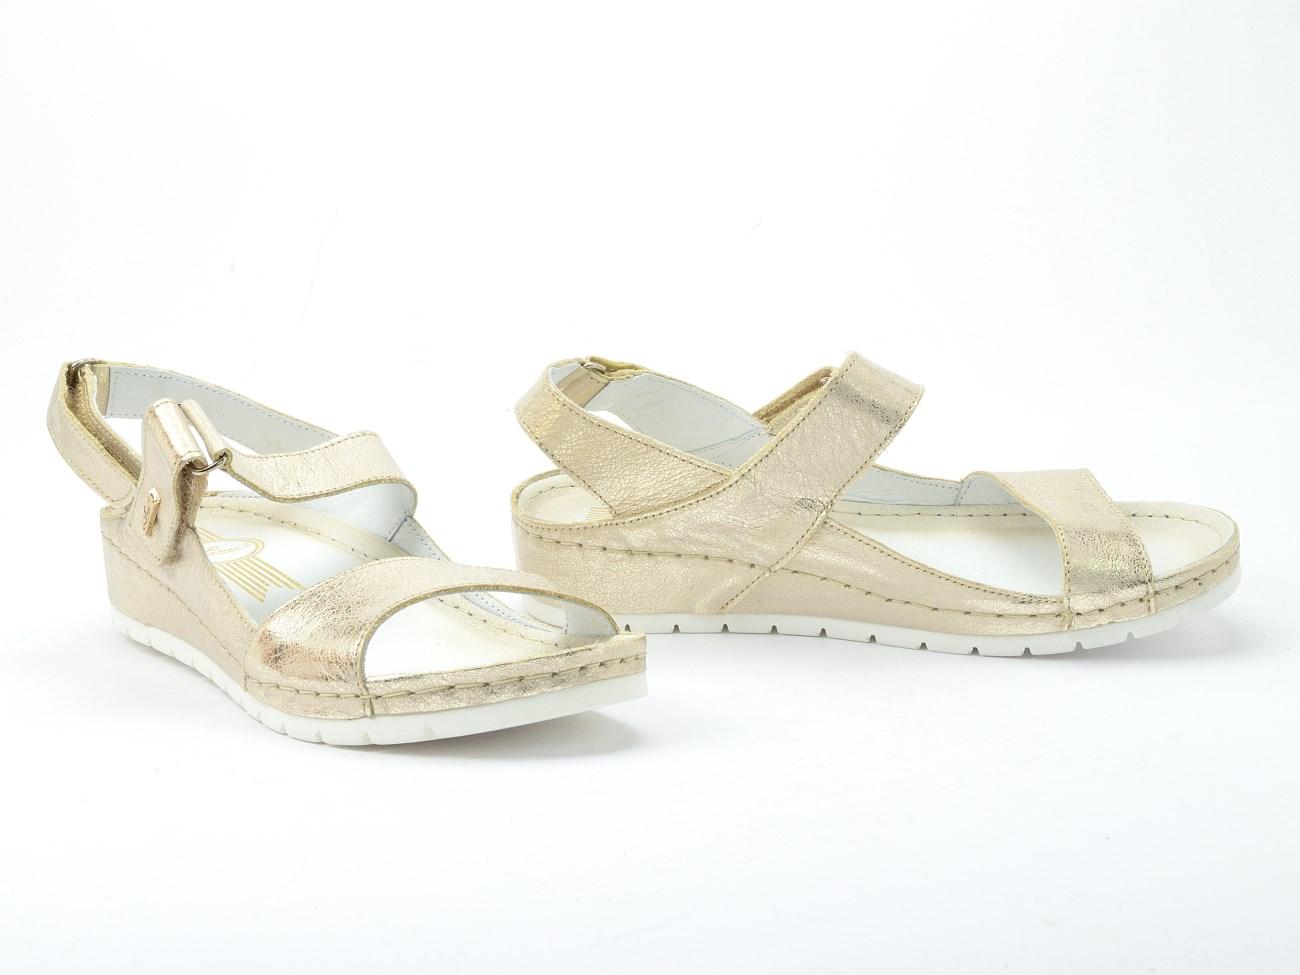 Sandały na koturnie Lemar 50052 Zr. Beż